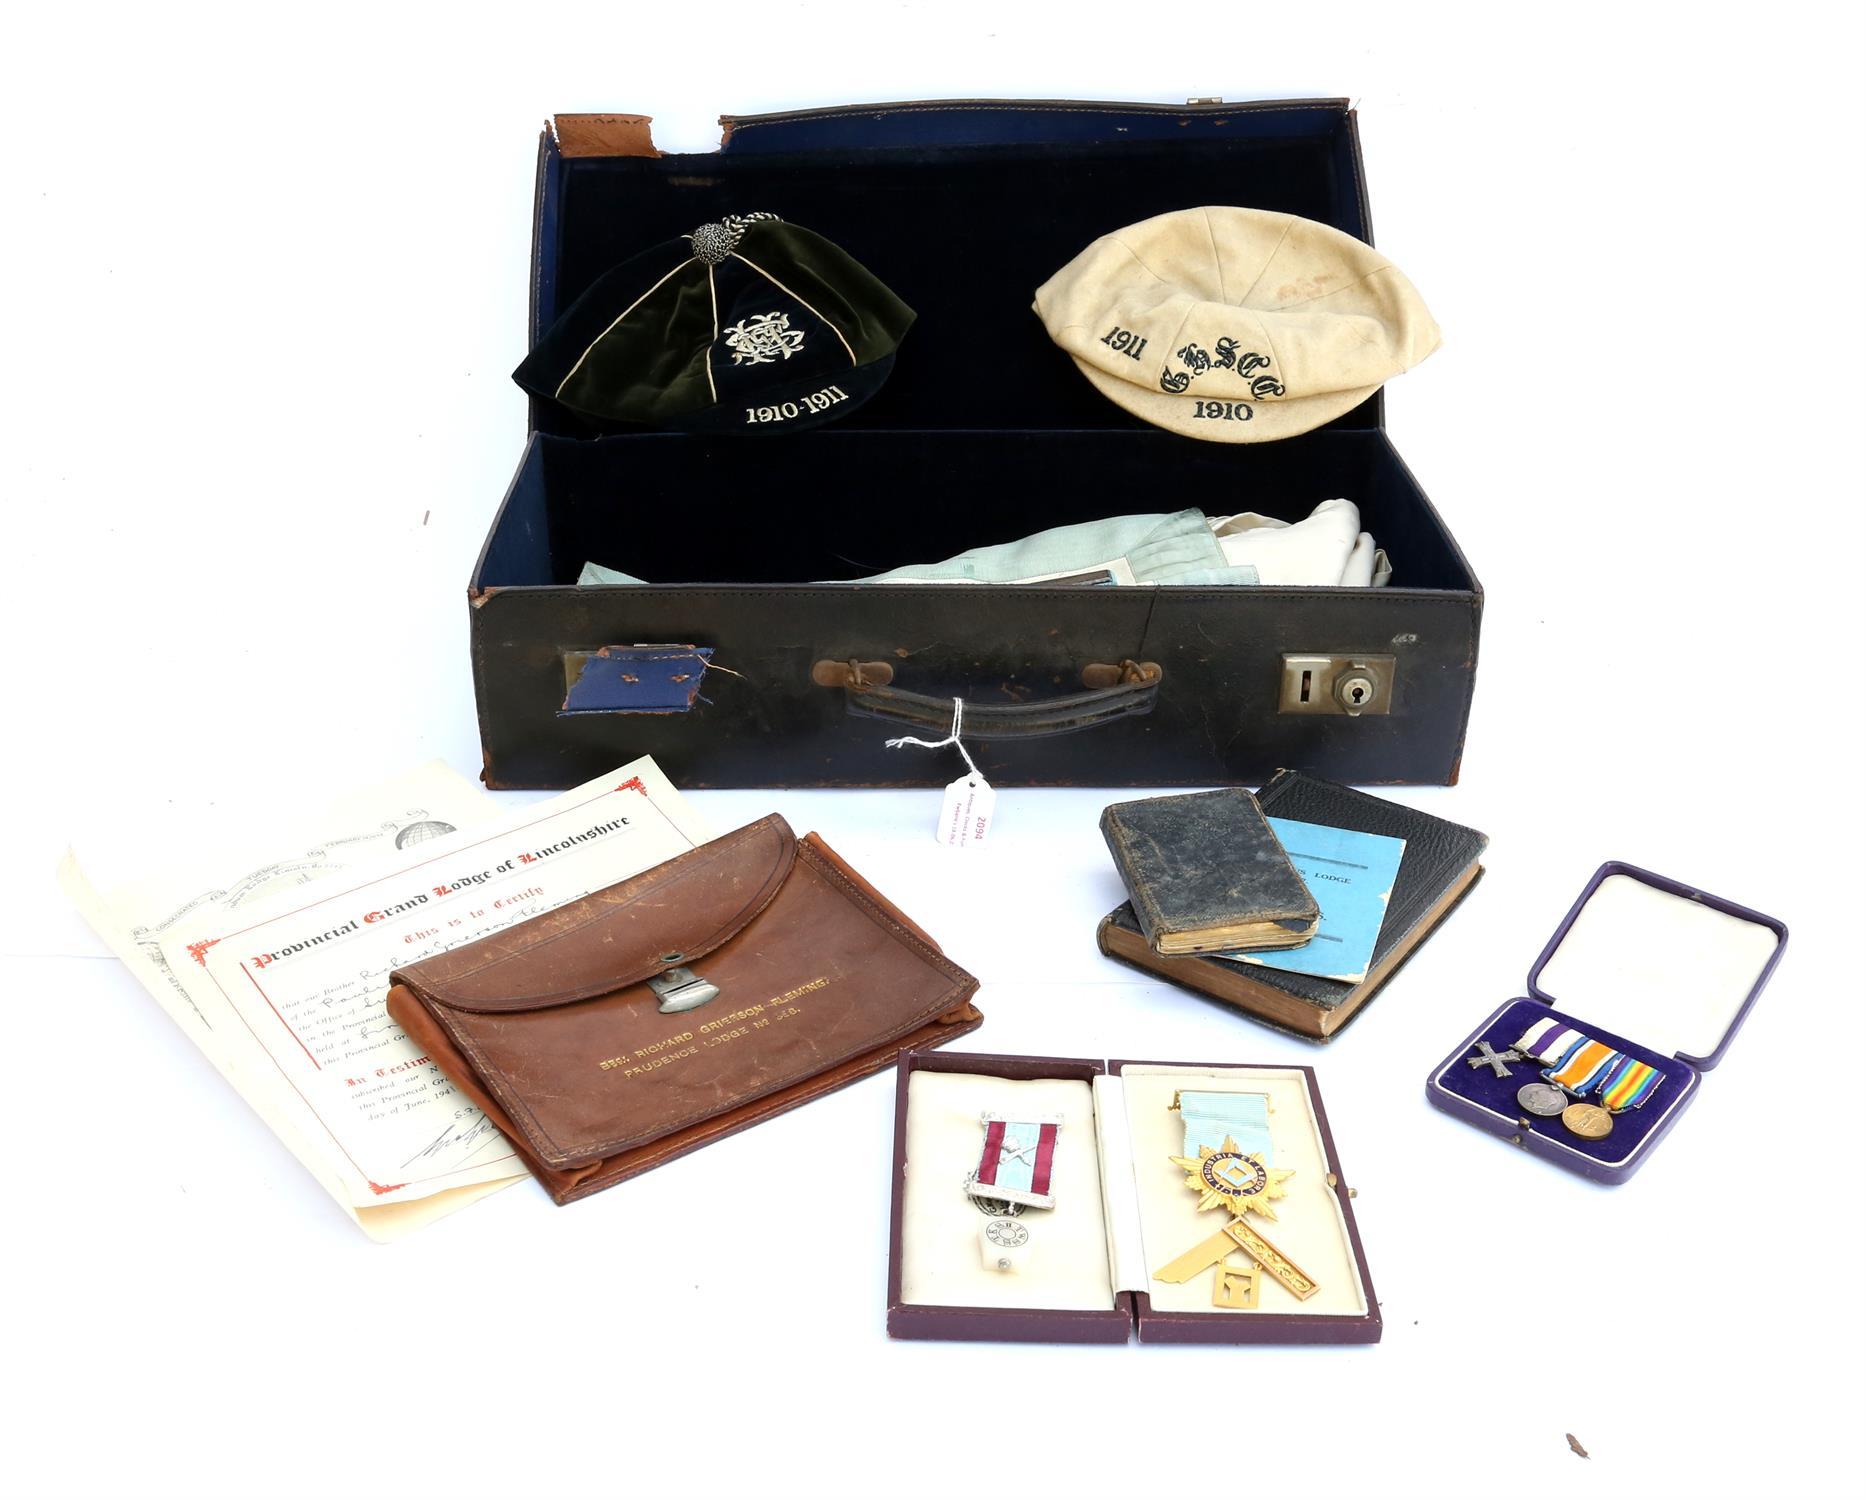 Case of Masonic regalia, to include 9ct gold 'Industria et Labore' presented to W. Bro. R.